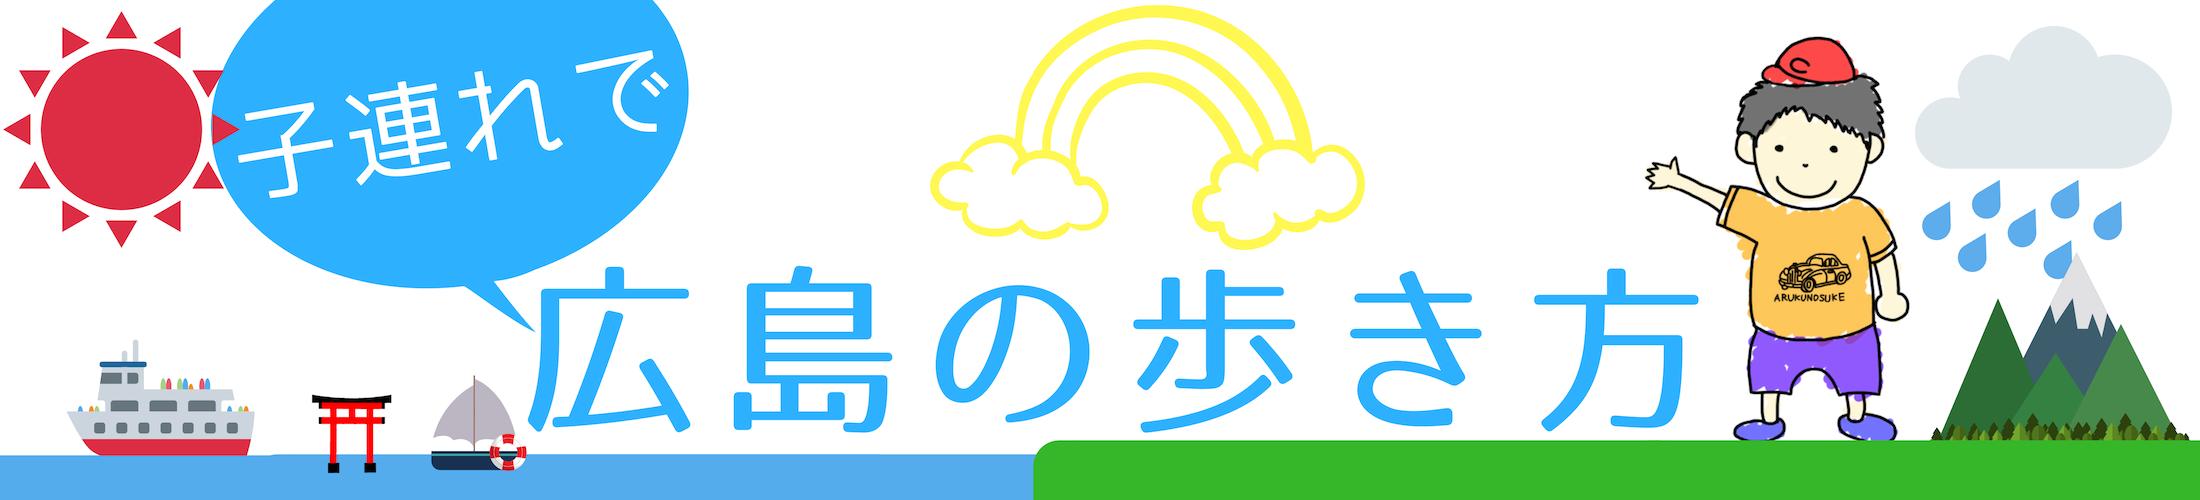 子連れで 広島の歩き方